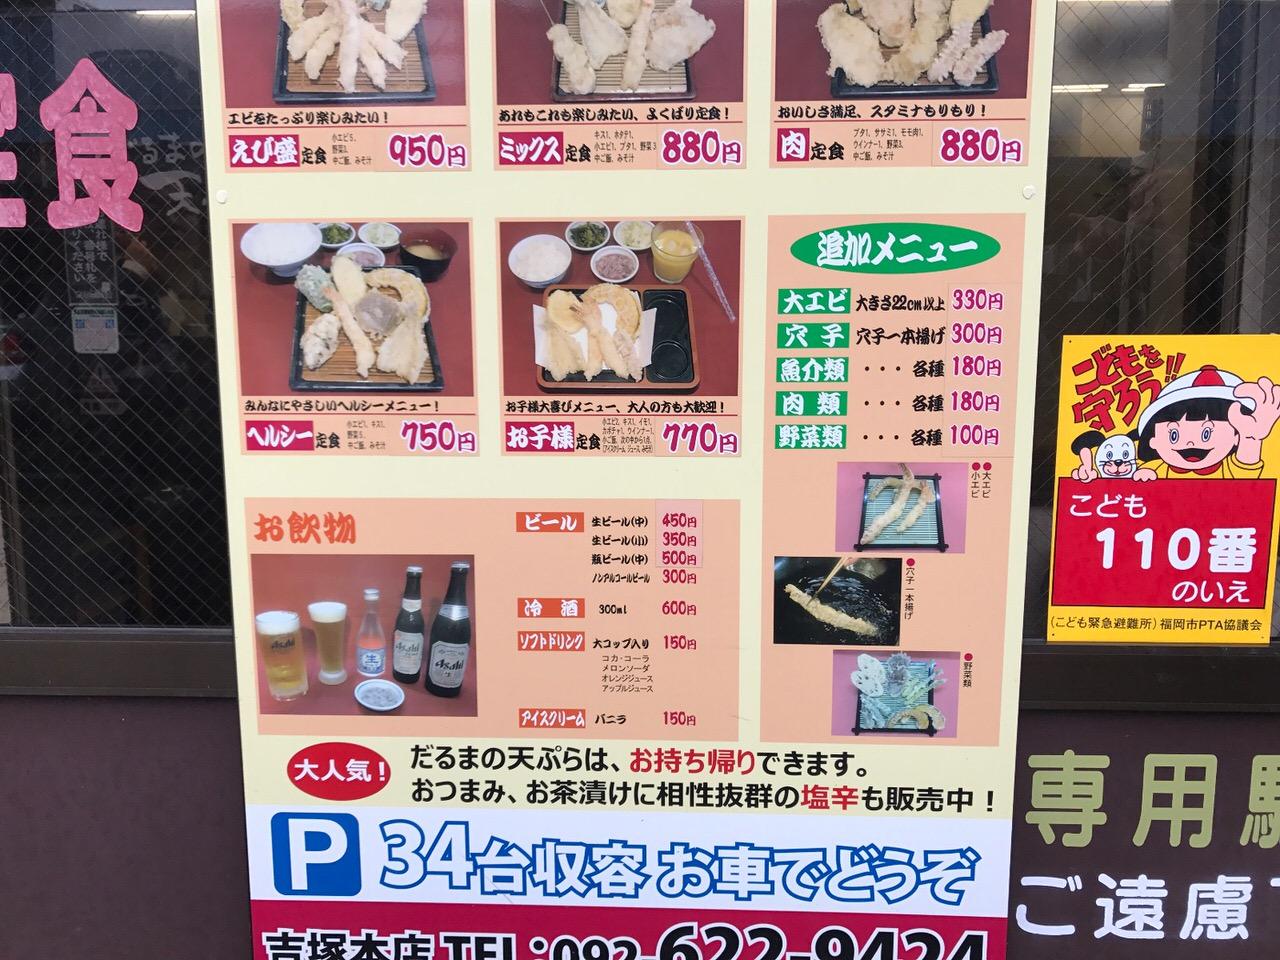 Daruma tempura 9561